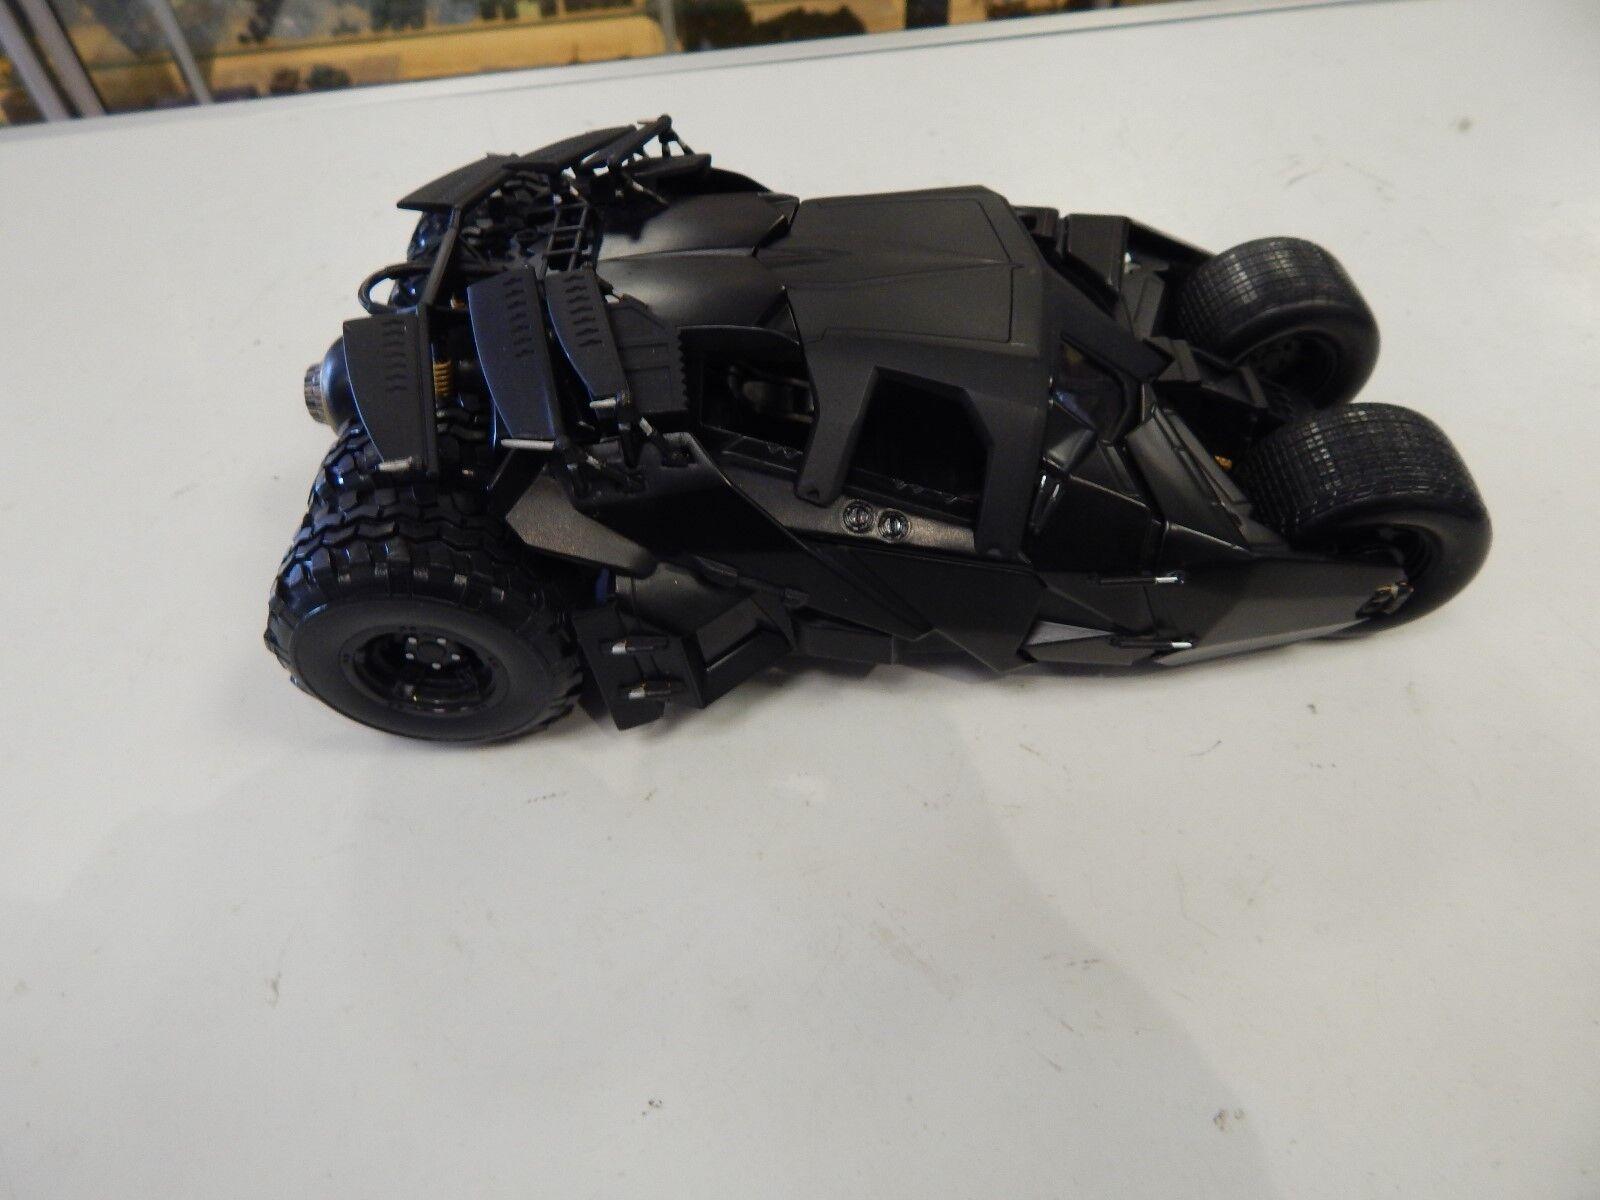 HOTWHEELS 1 18 scale BATMAN Tumbler - 2013